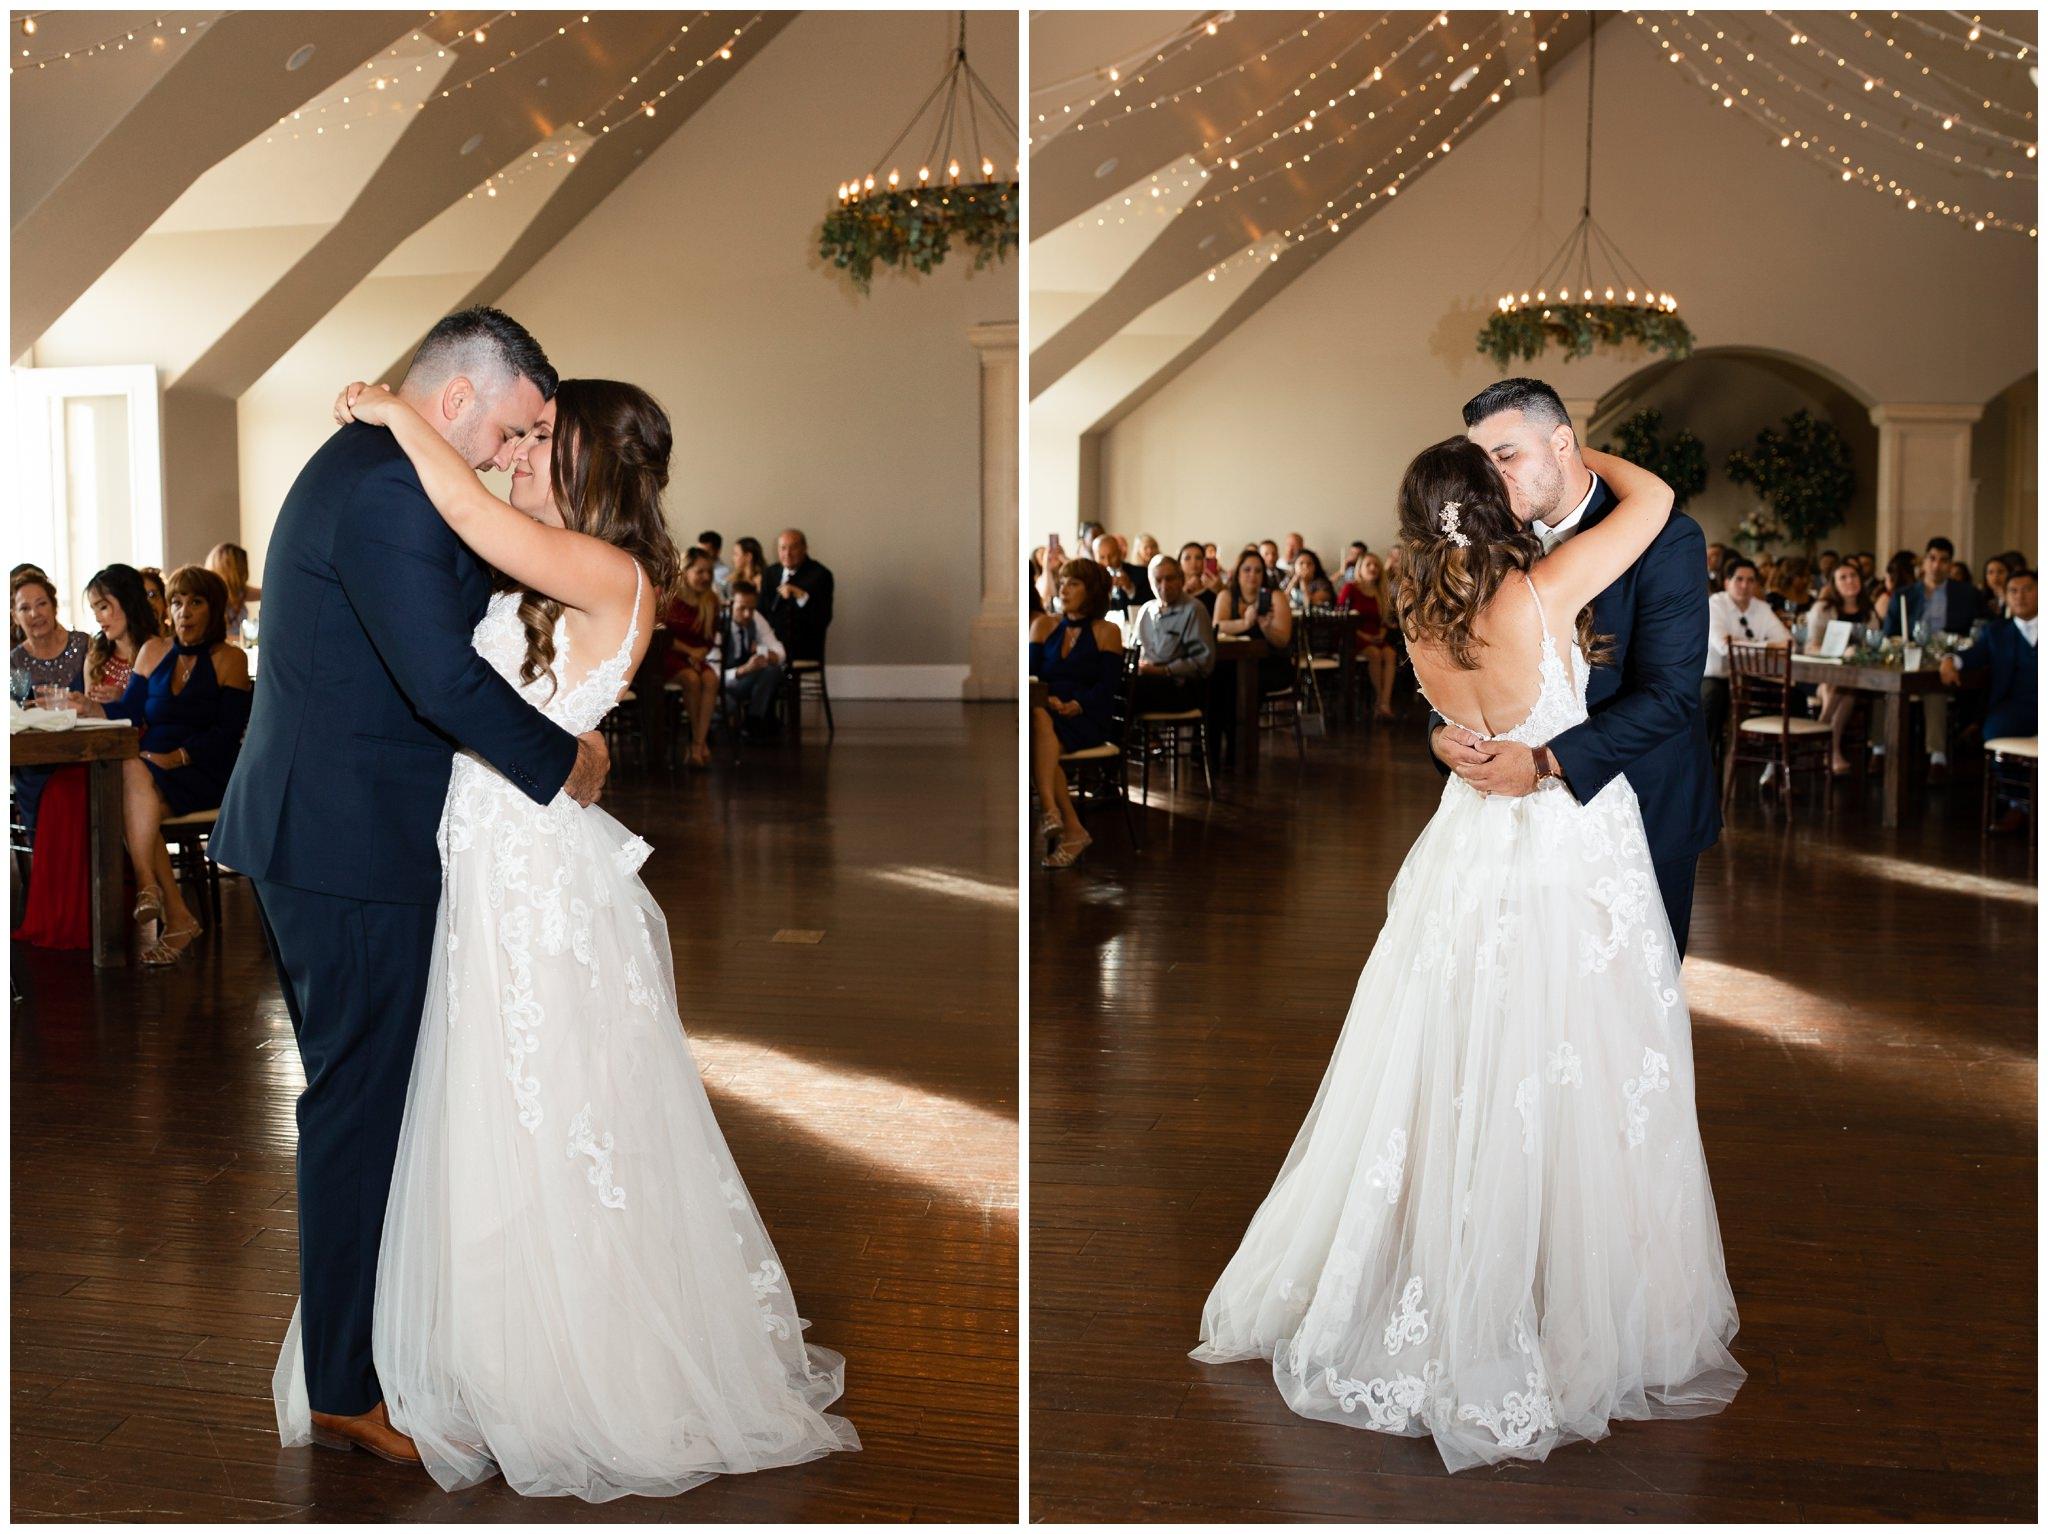 Bride and Groom dancing at their wedding in Utah